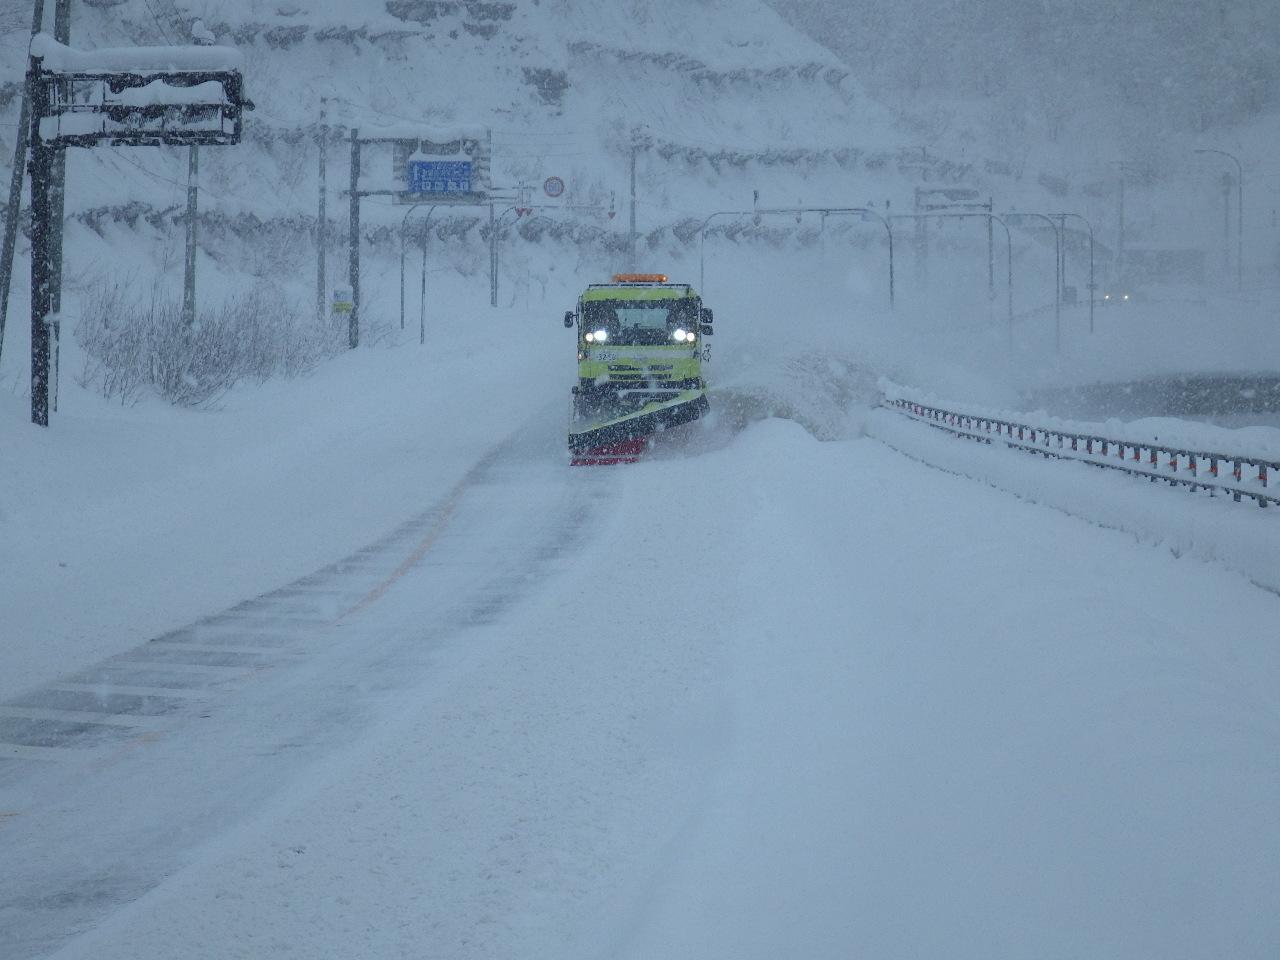 一般国道229号 余市町 余市道路維持除雪外一連工事(小樽開発建設部)